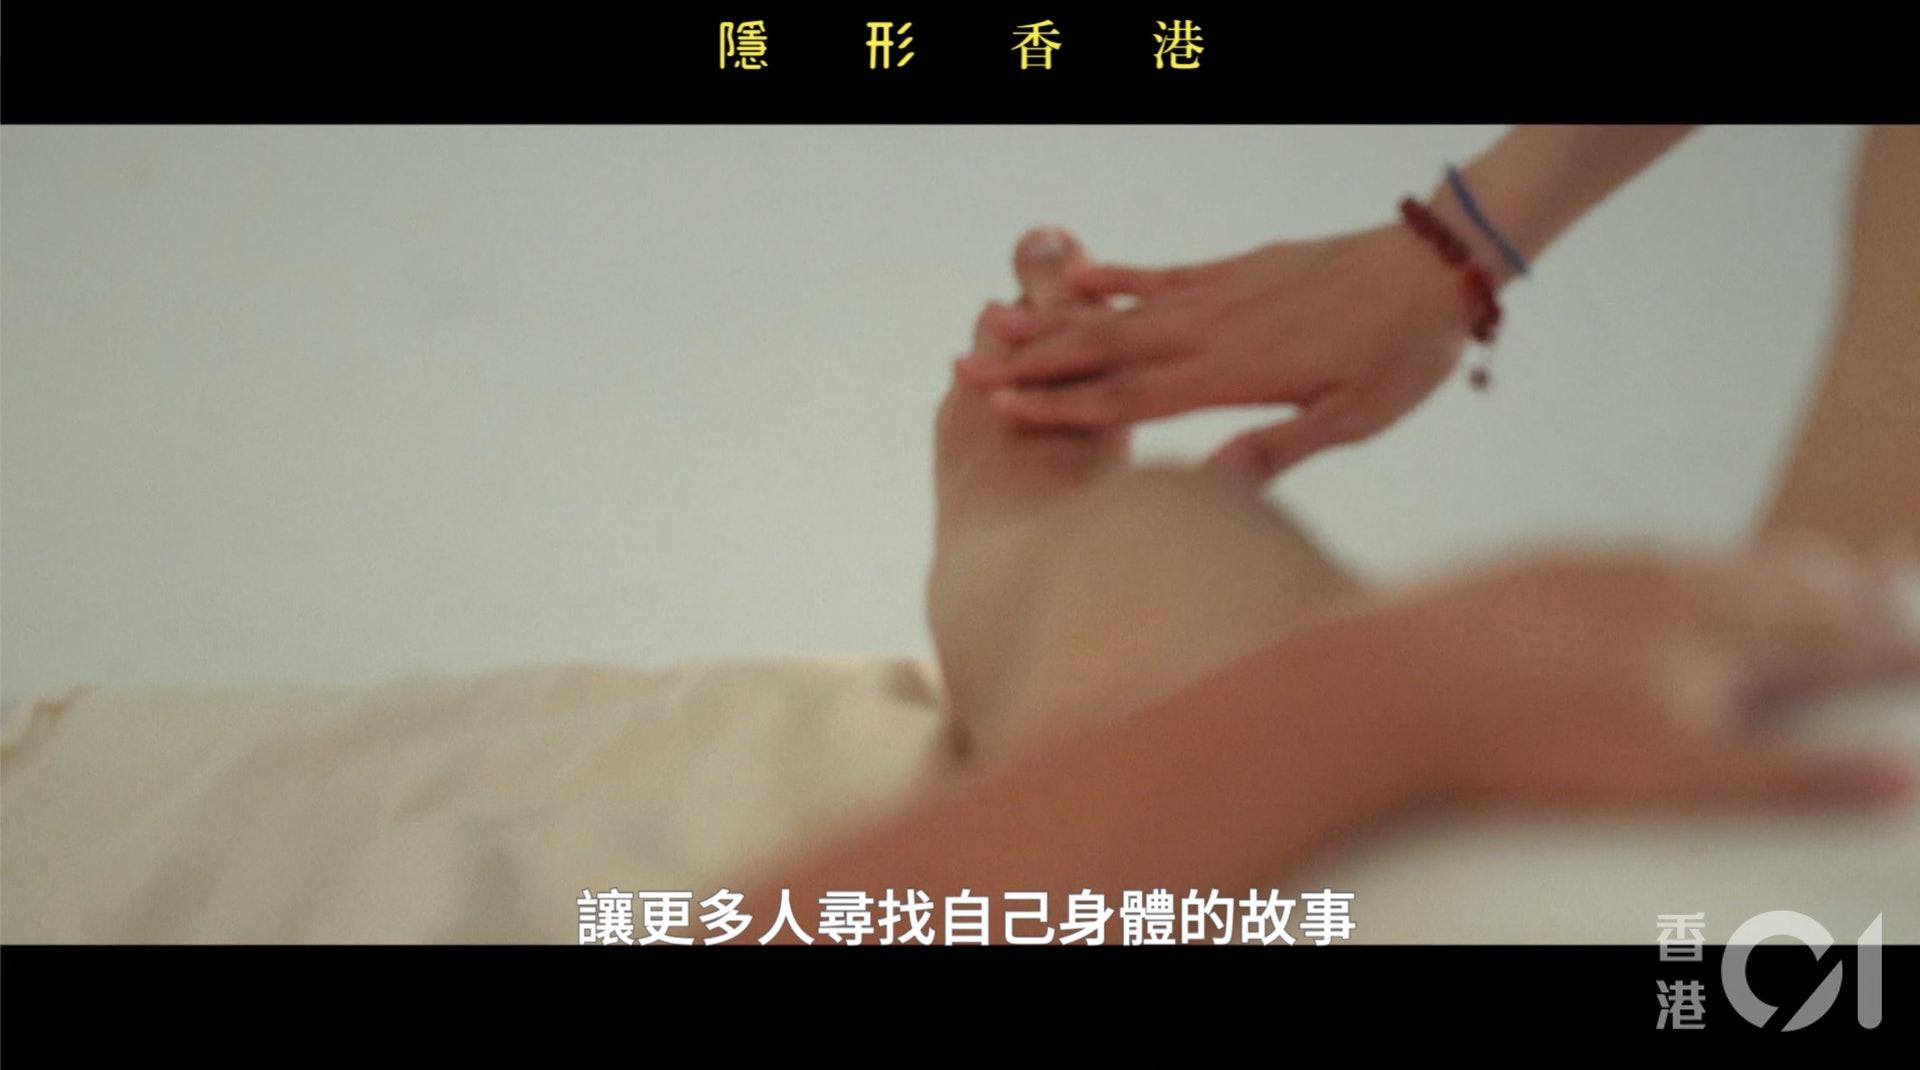 台灣讀者讀過Carmen的書,分享「真正的殘障不是身體,而是人觀看事情的框架。」